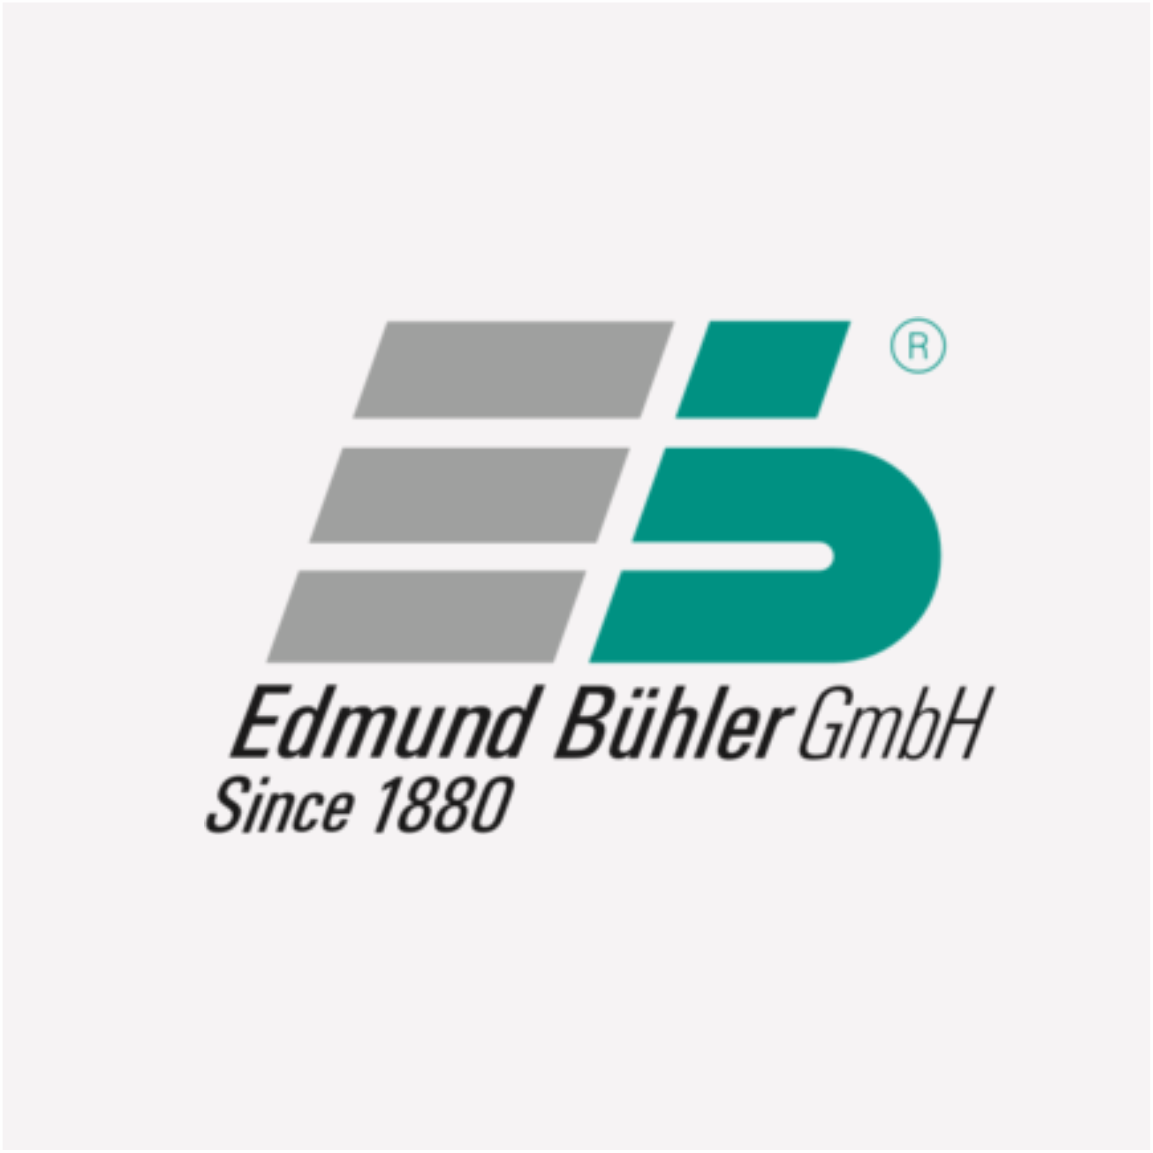 Edmund_logo